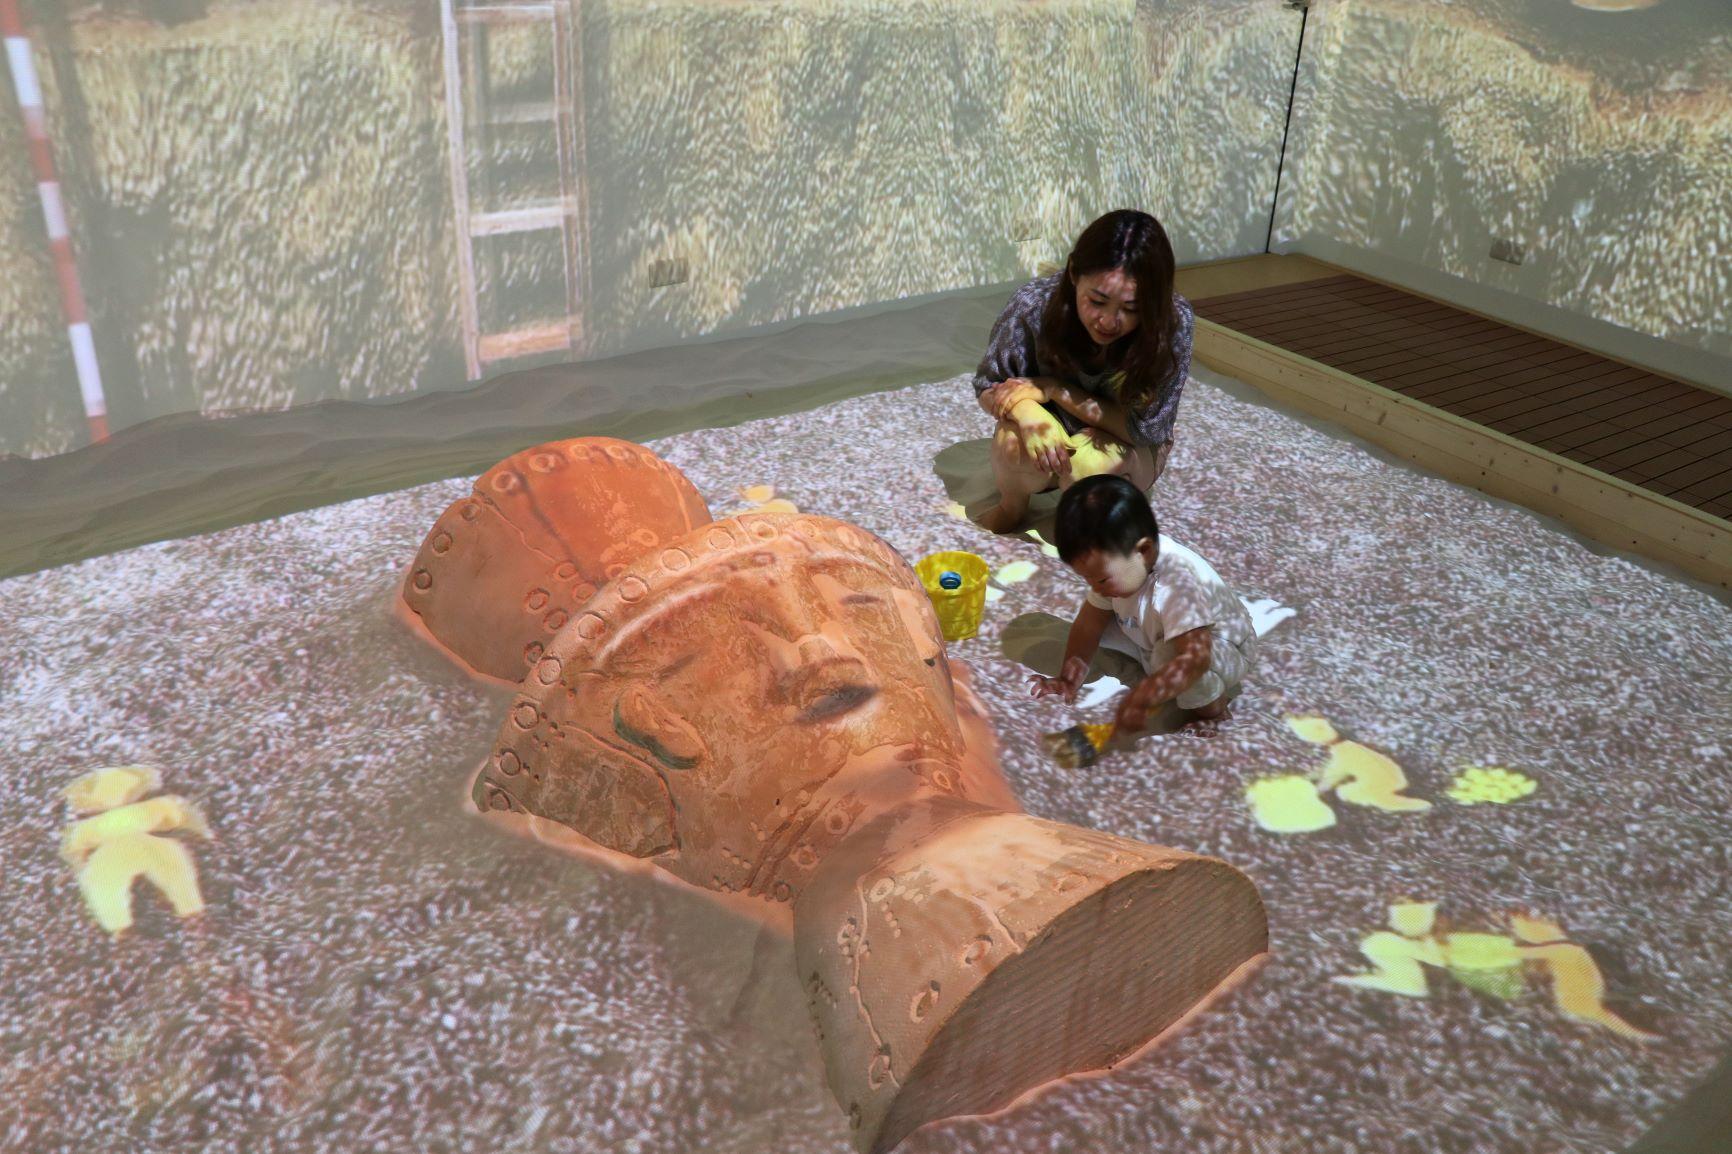 十三行博物館魔幻考古沙坑奪休士頓影展金獎 6/2起免費暢玩